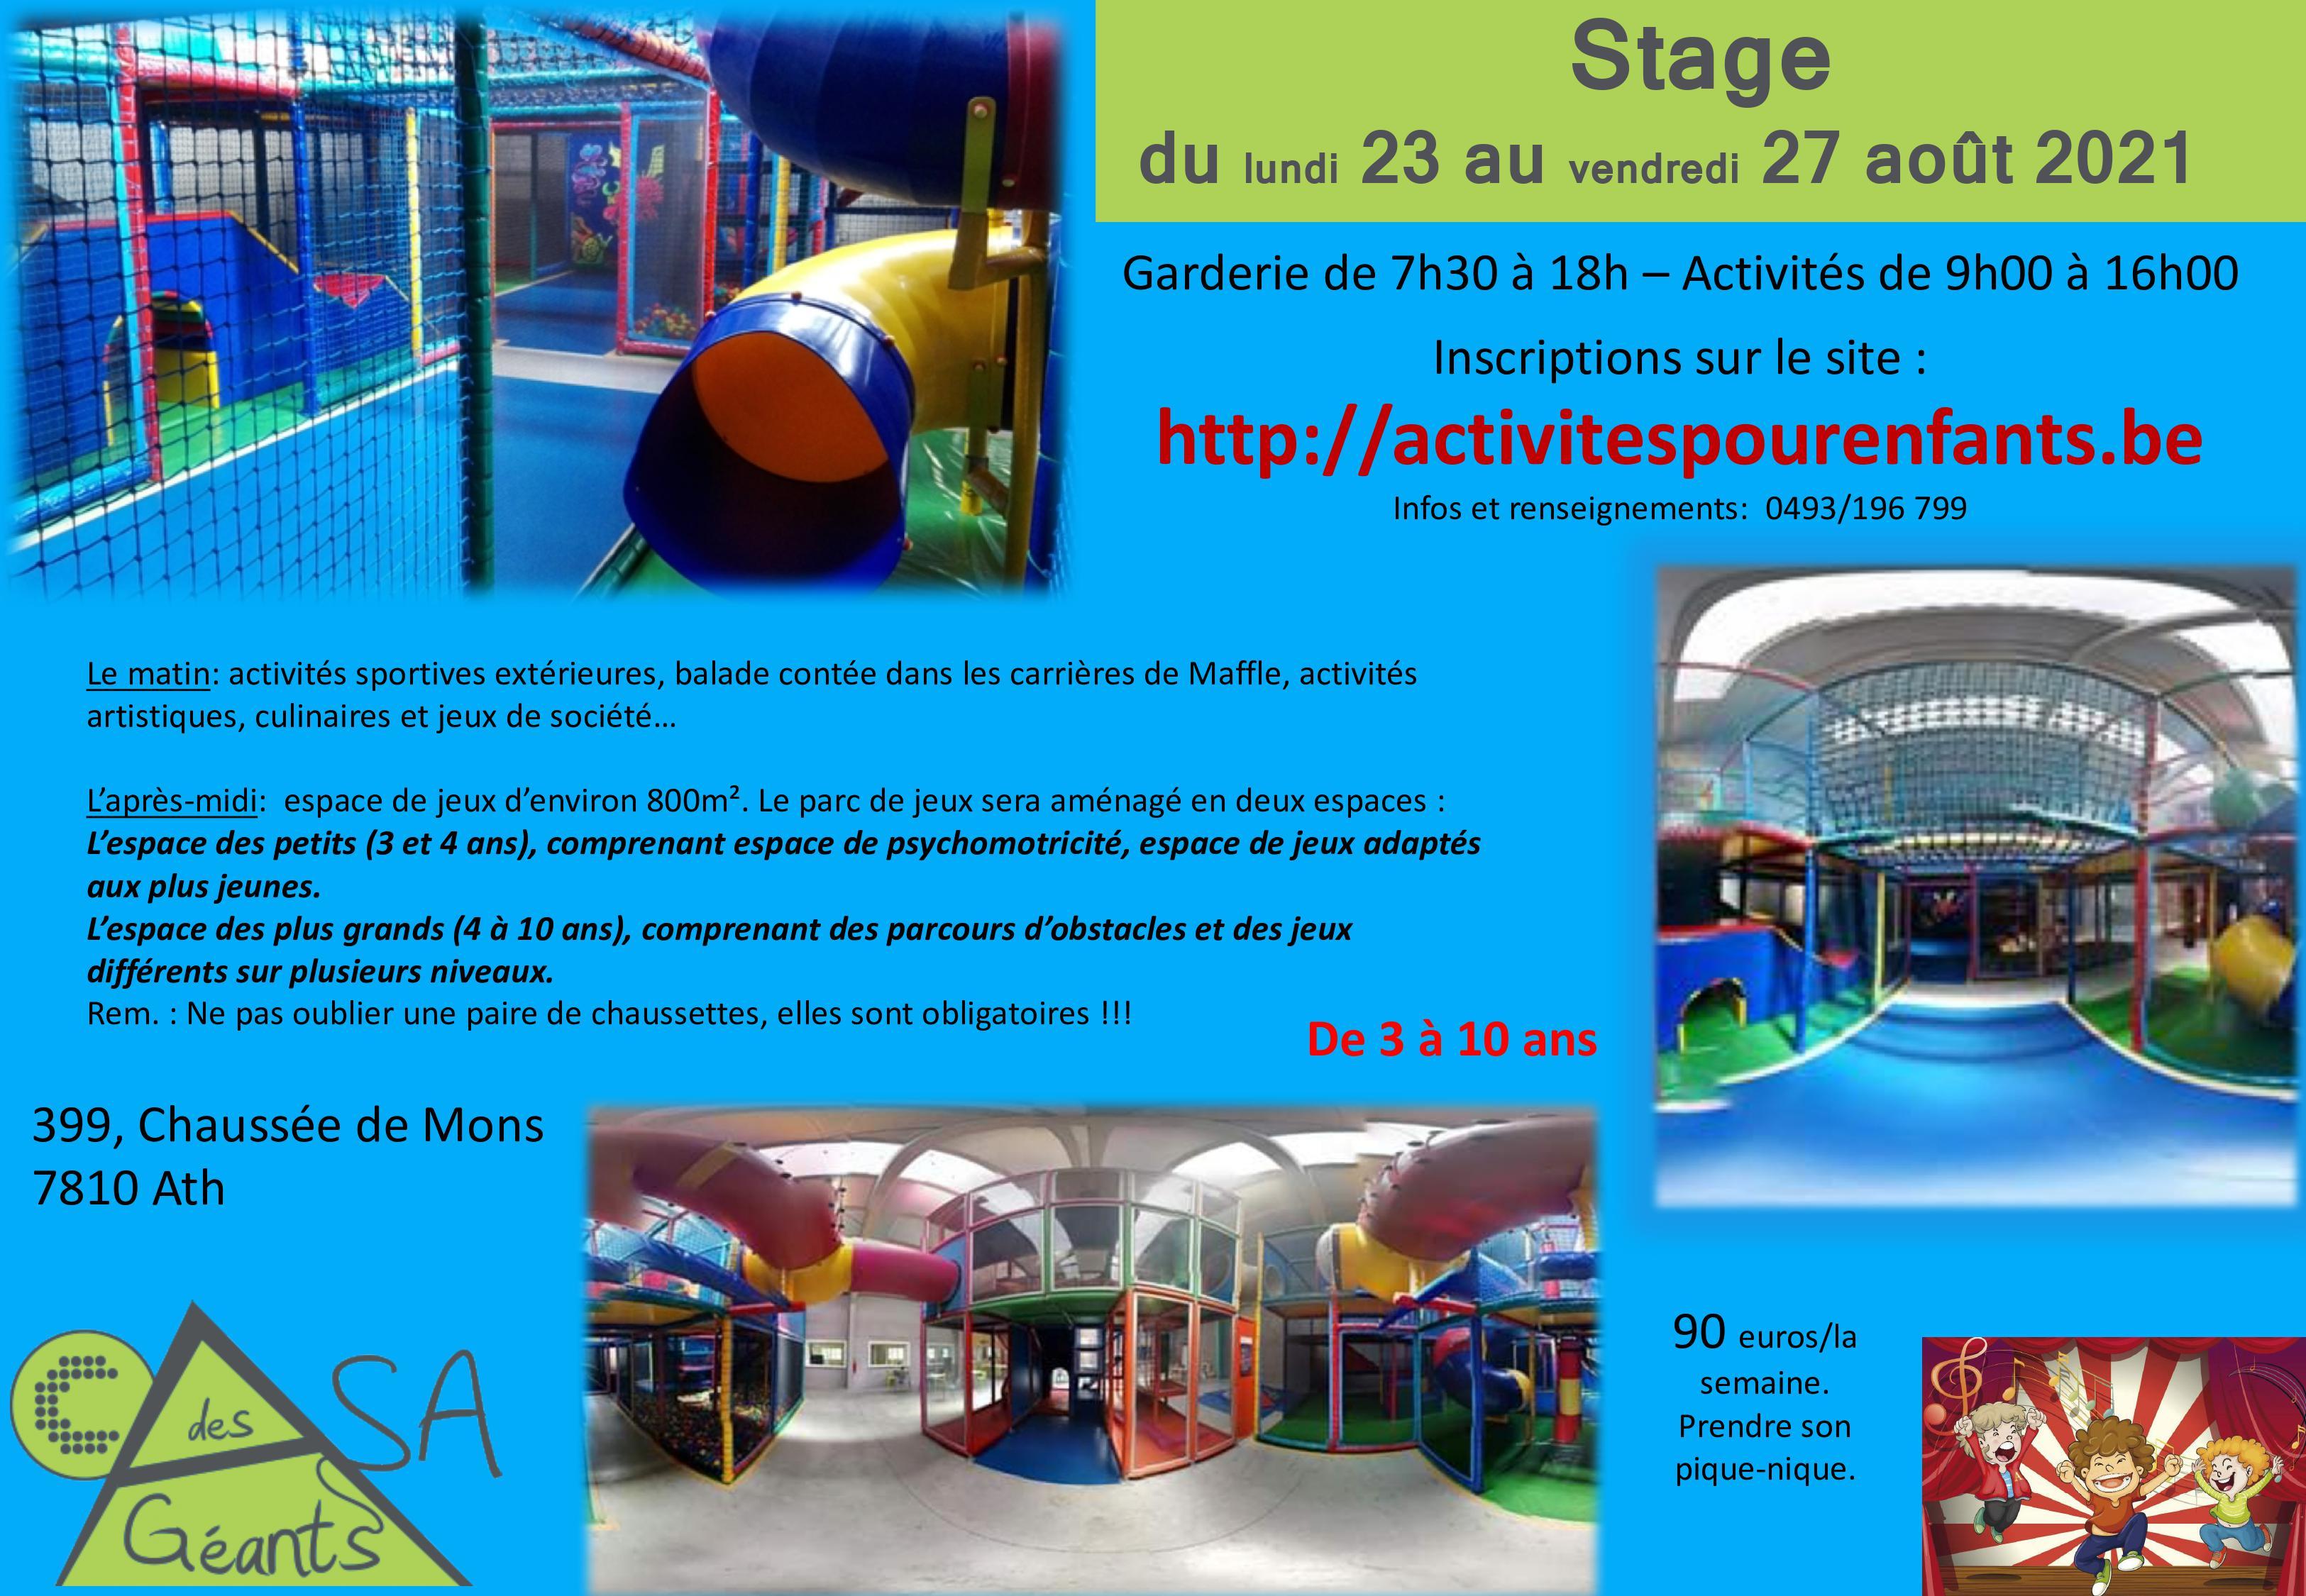 Stage Casa des Géants